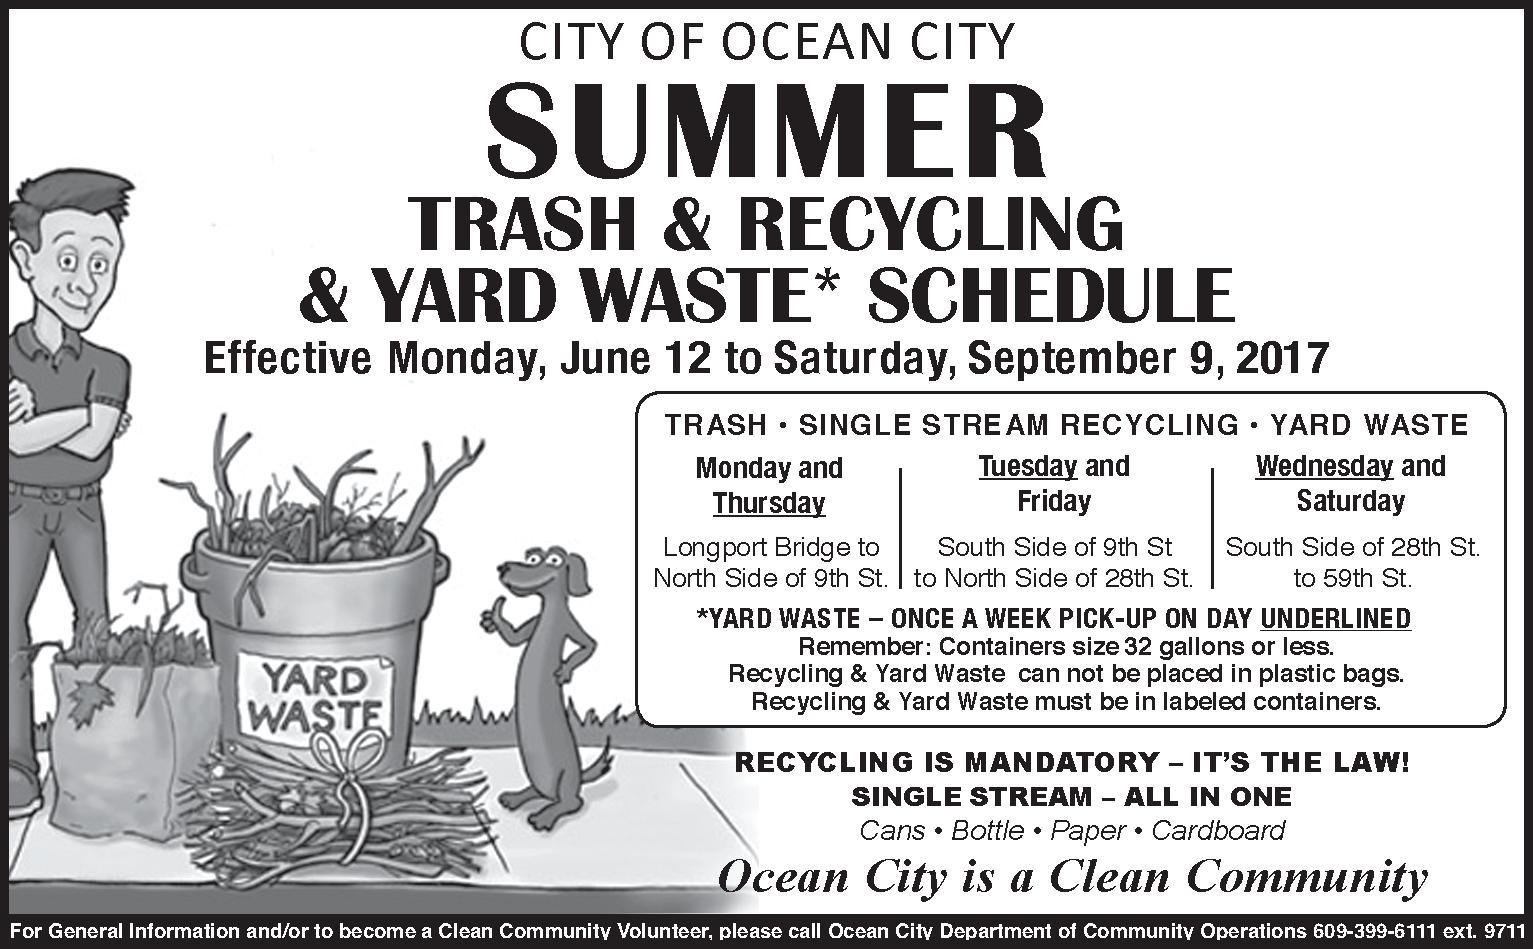 Summer Trash Schedule Starts On Monday June 12